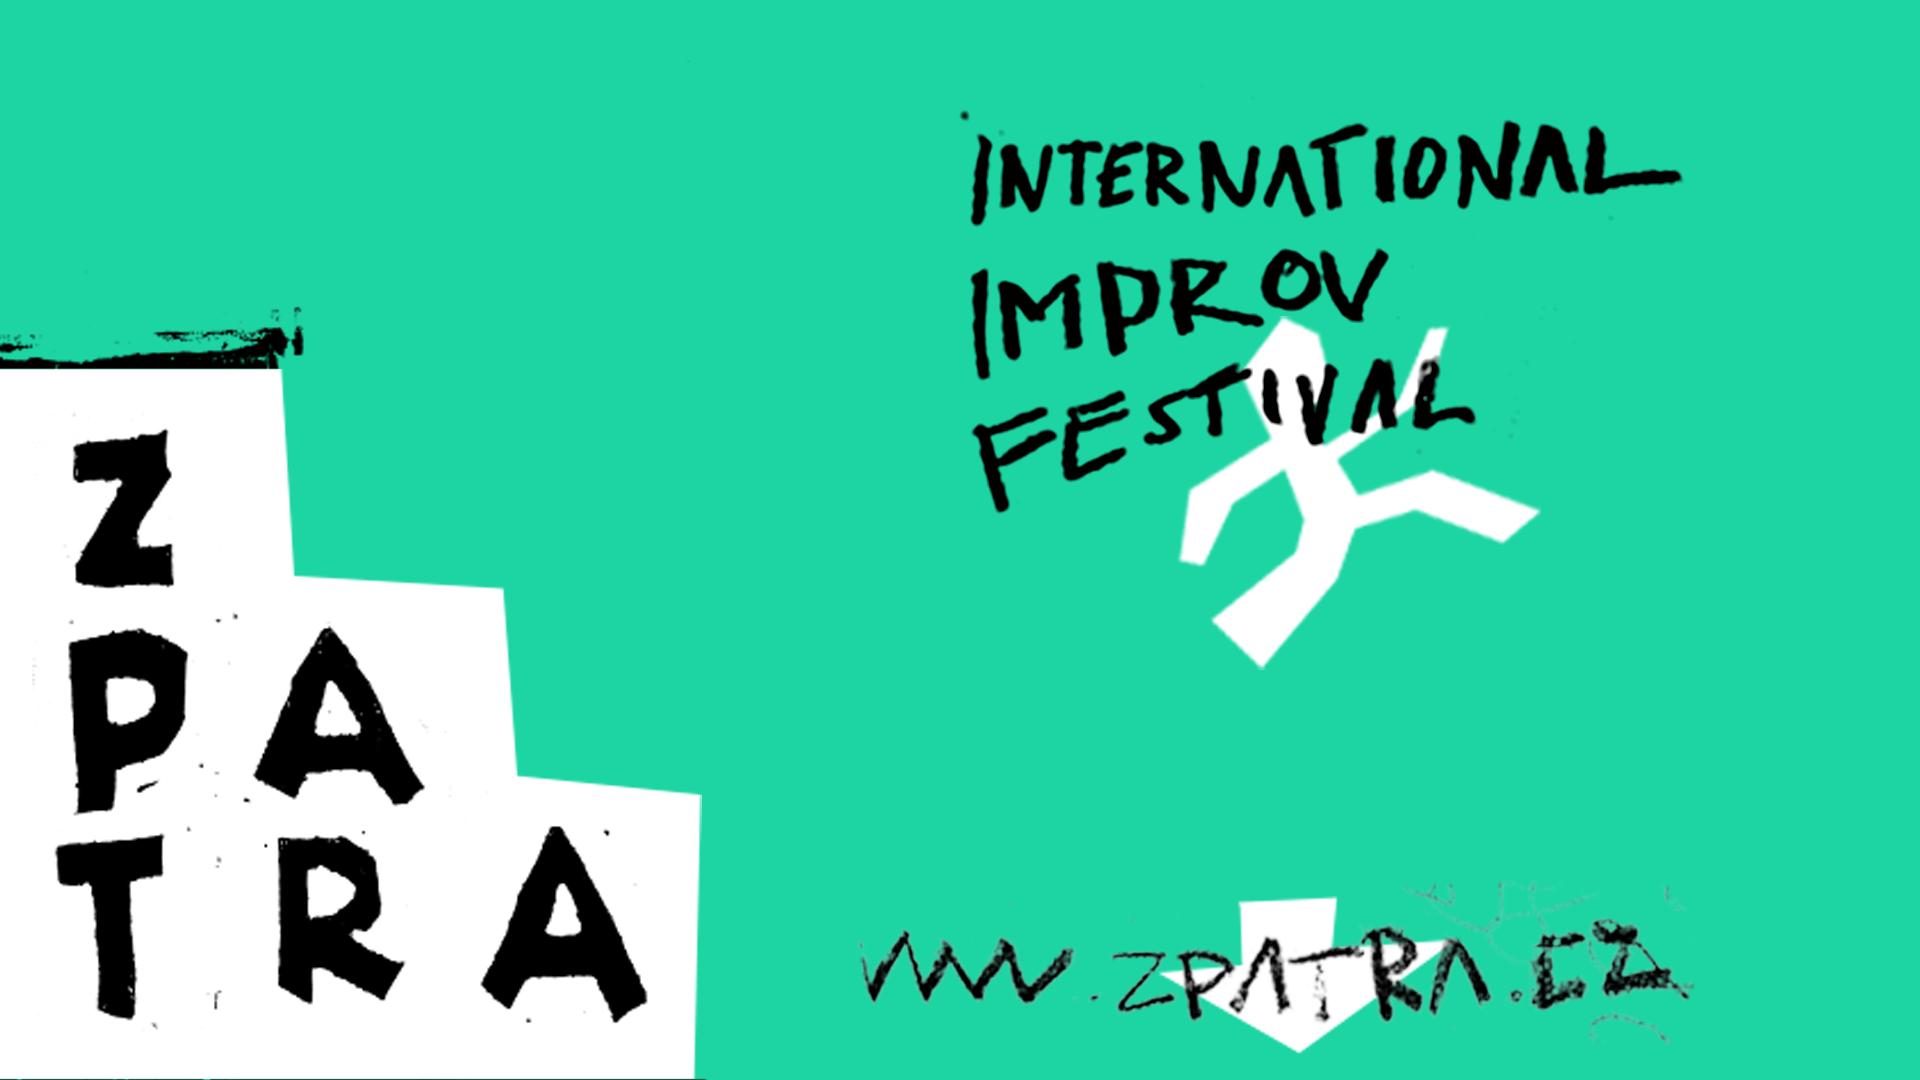 Zpatra - festival divadelní improvizace